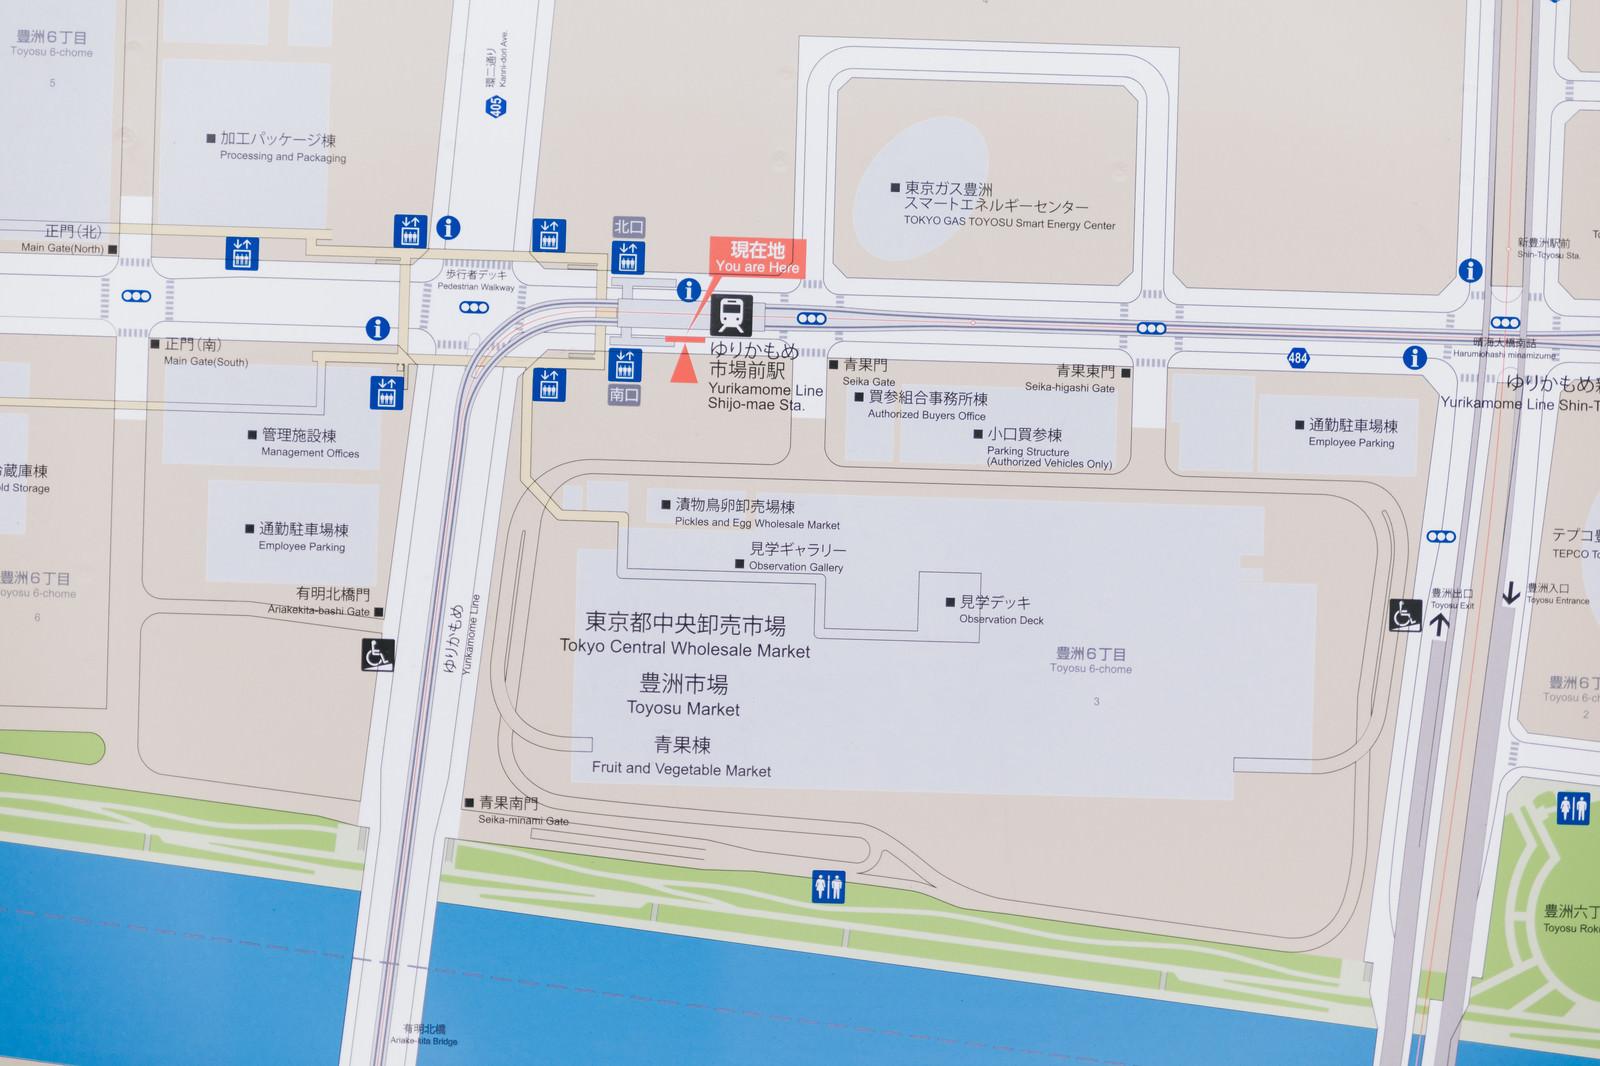 「ゆりかもめ市場前駅のマップゆりかもめ市場前駅のマップ」のフリー写真素材を拡大